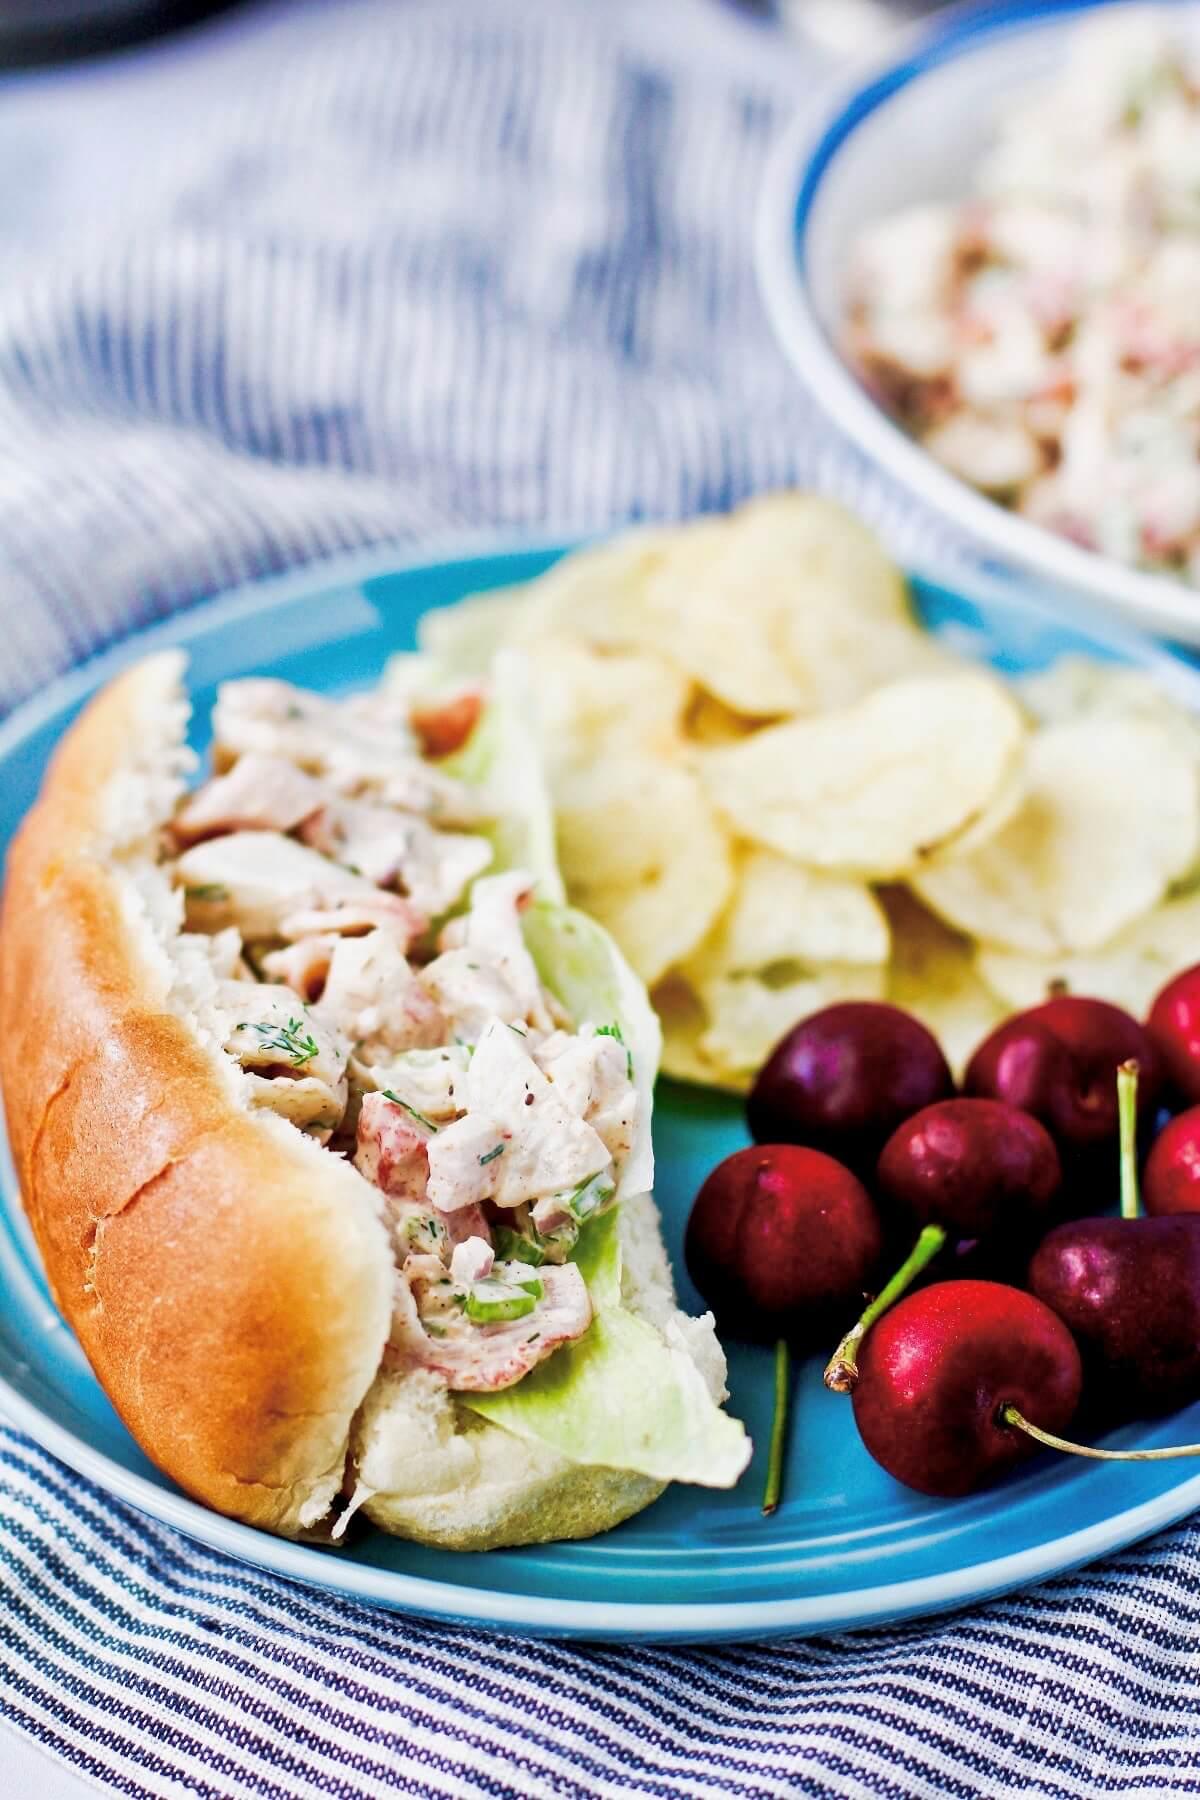 Imitation crab salad in a hot dog bun.